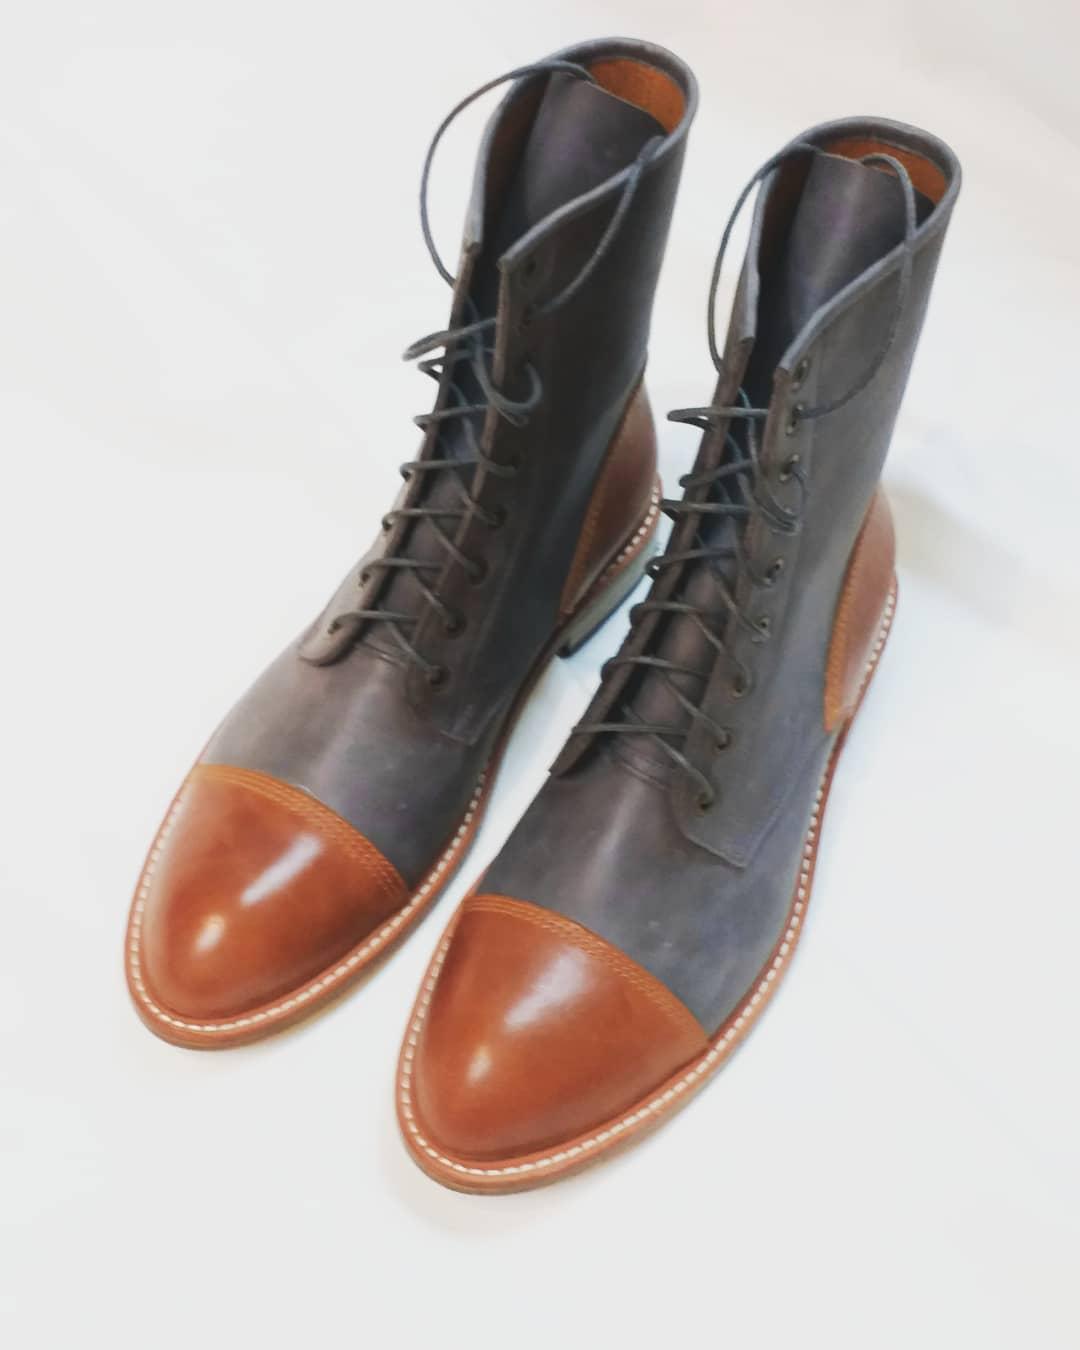 手工固特升订制靴 1